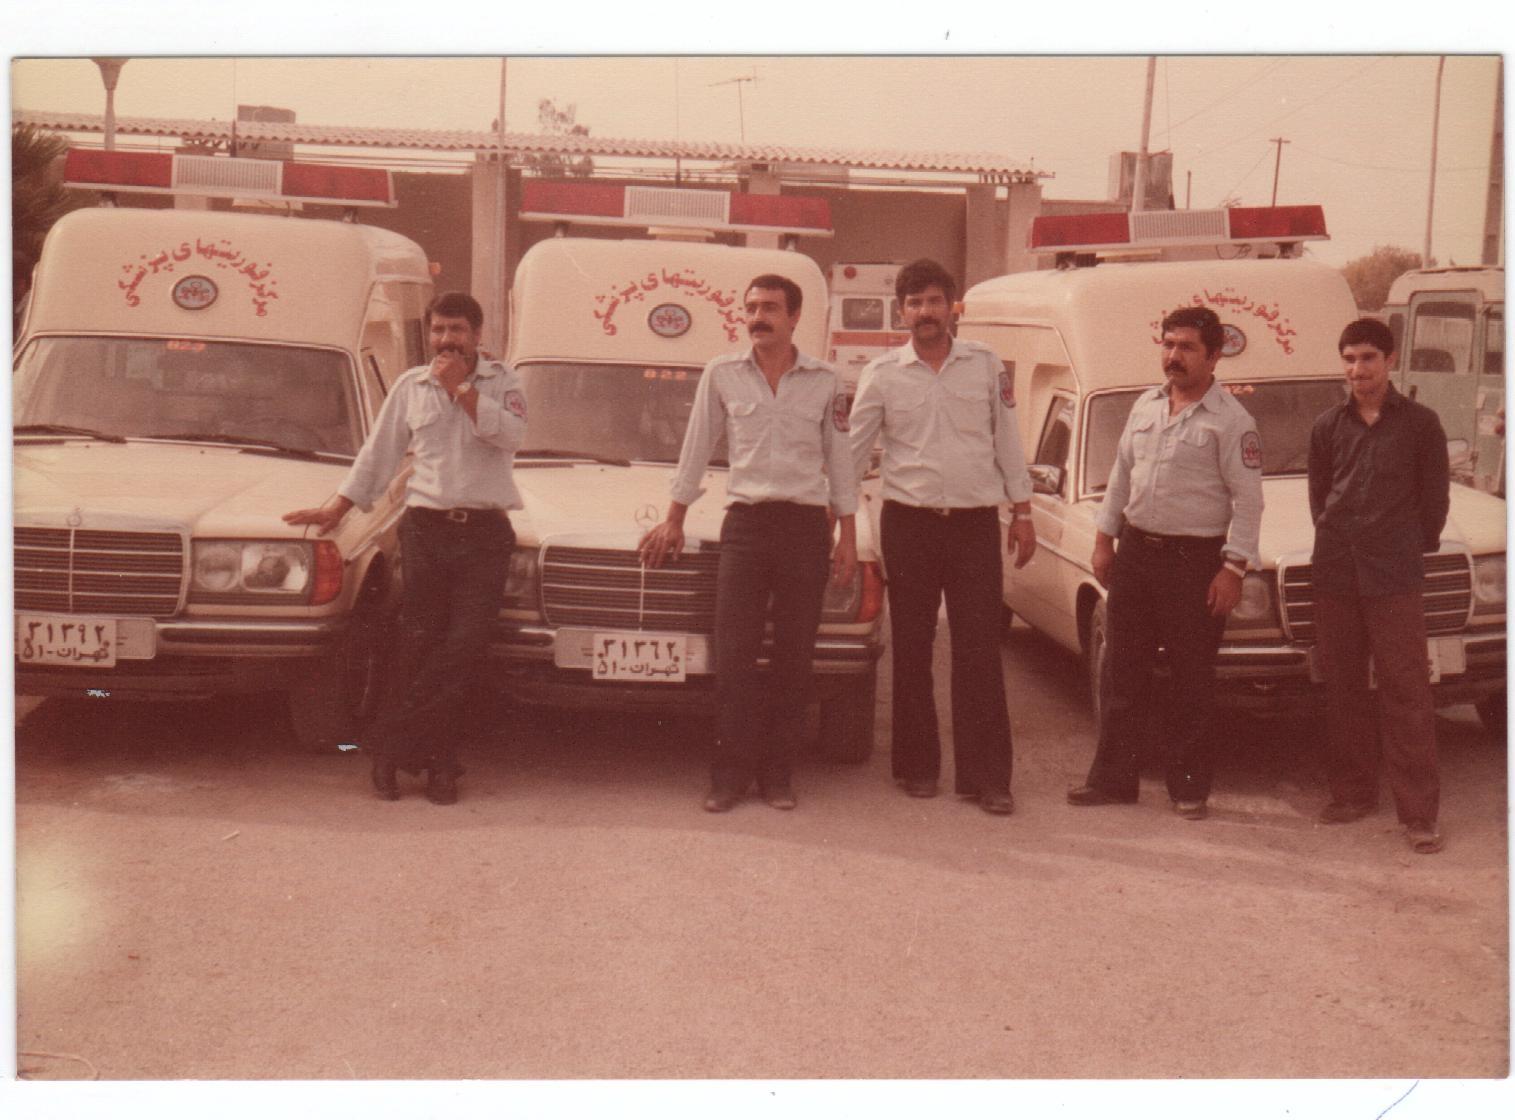 ما کادر پزشکی اورژانس کتک خور و فحش خورمان ملسه! /۳۰ درصد تماسهای اورژانس تهران مزاحمت تلفنی است